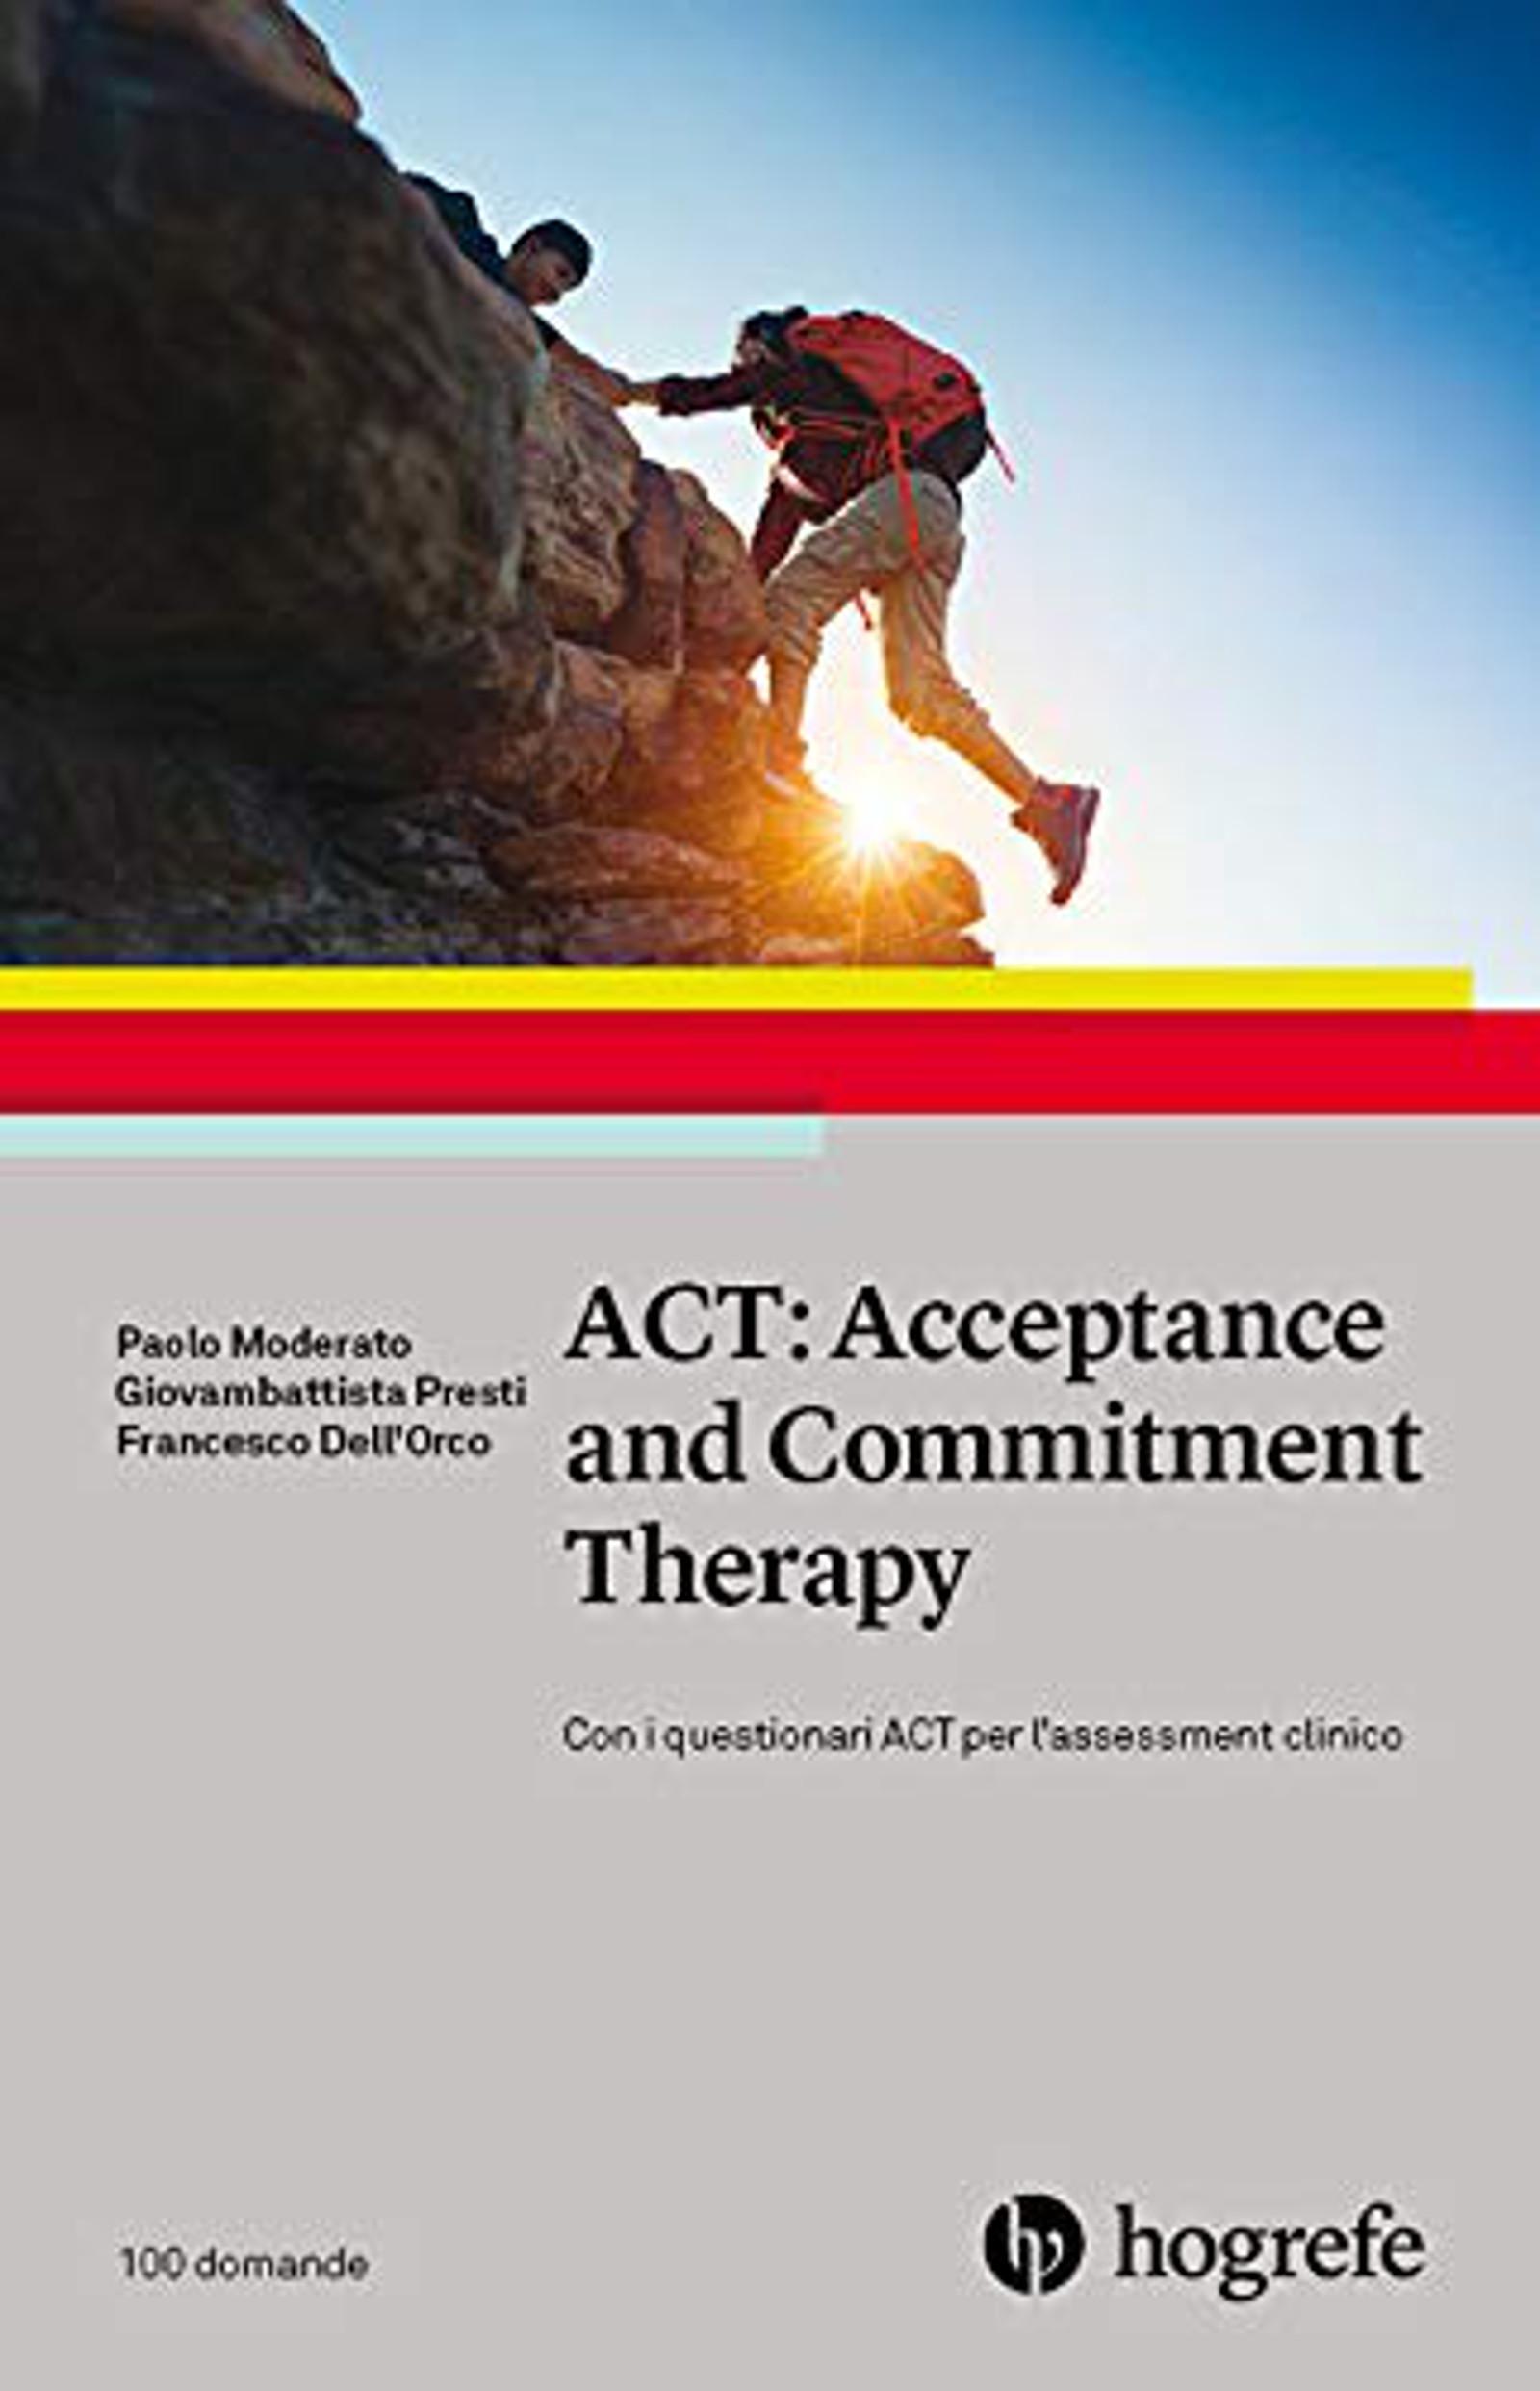 ACT: Acceptance and Commitment Therapy (2020) di Paolo Moderato, Giovambattista Presti, Francesco Dell'Orco – Recensione